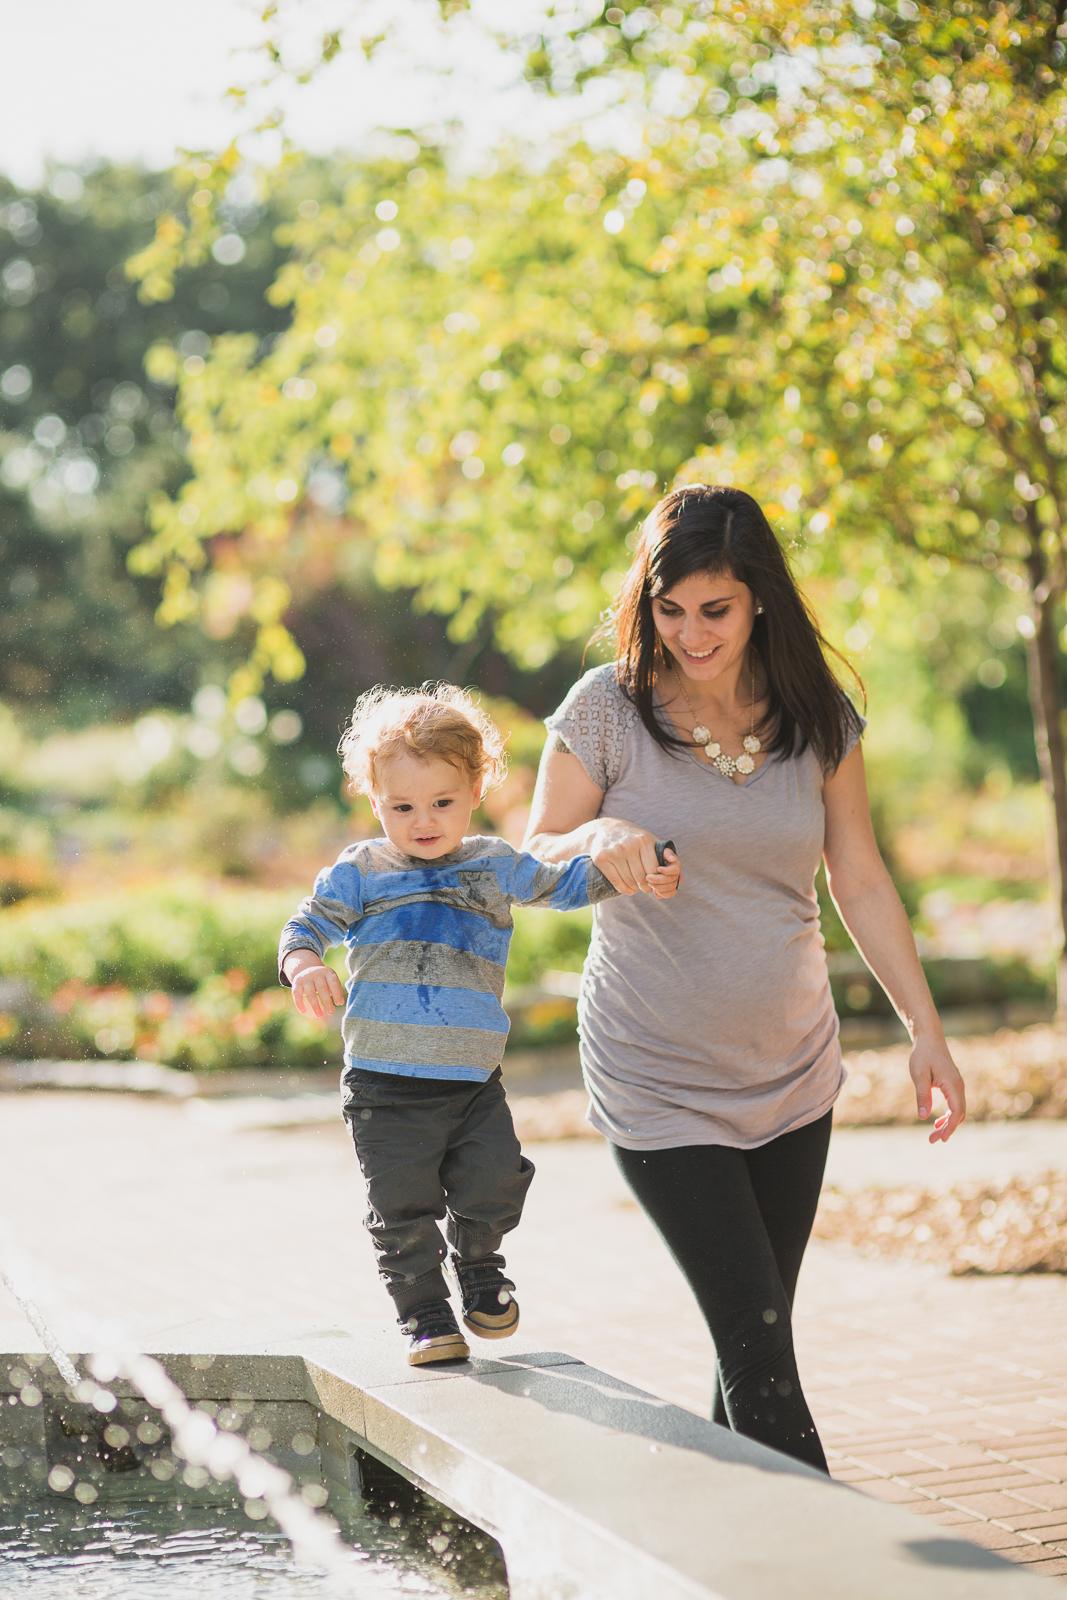 StaciDesign-Family-Maternity-10.jpg